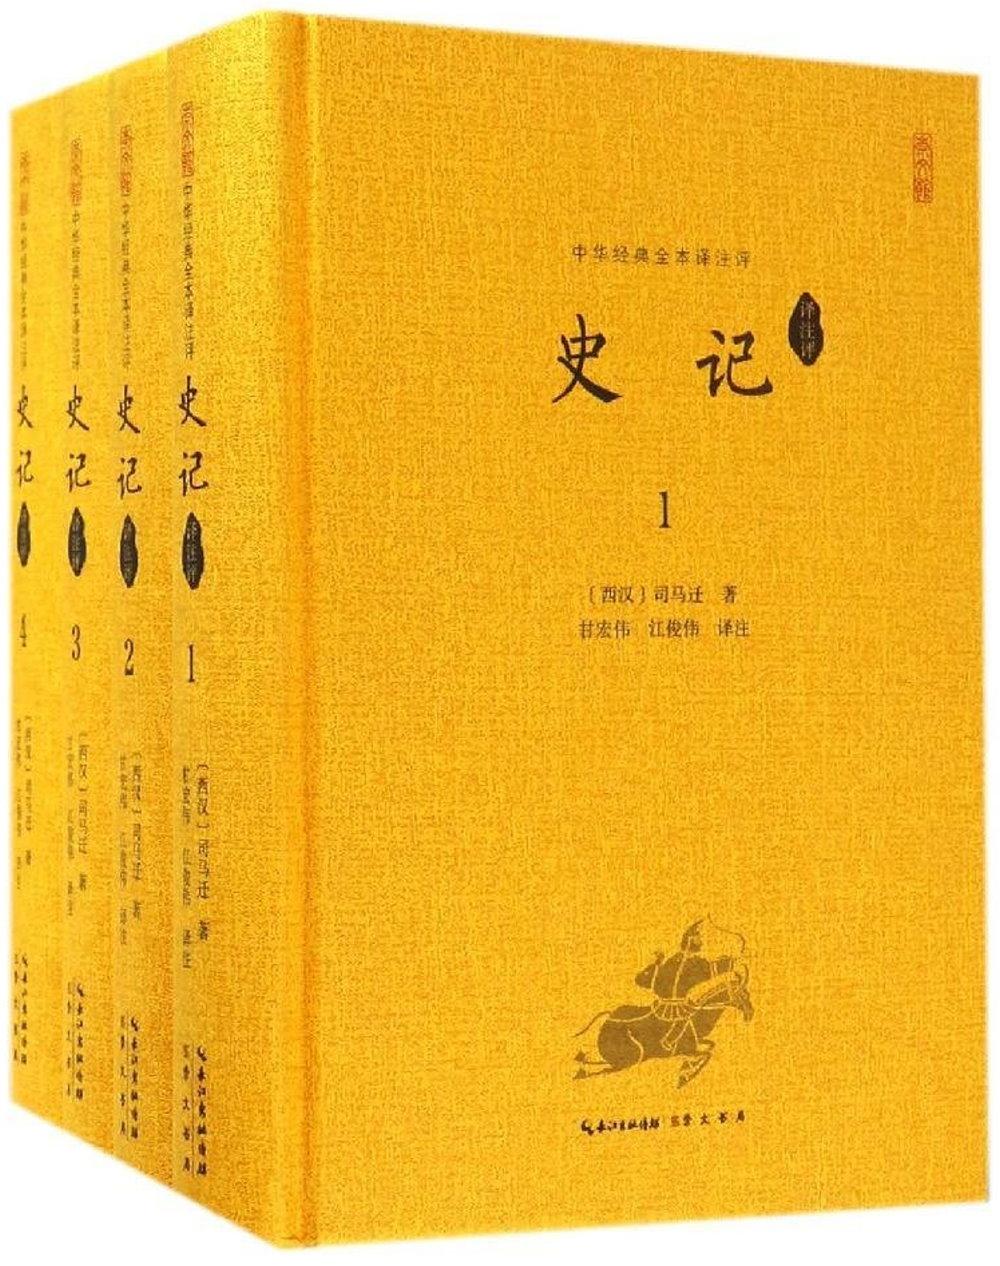 中華經典全本譯注評:史記譯注評(譯注評)(全四冊)